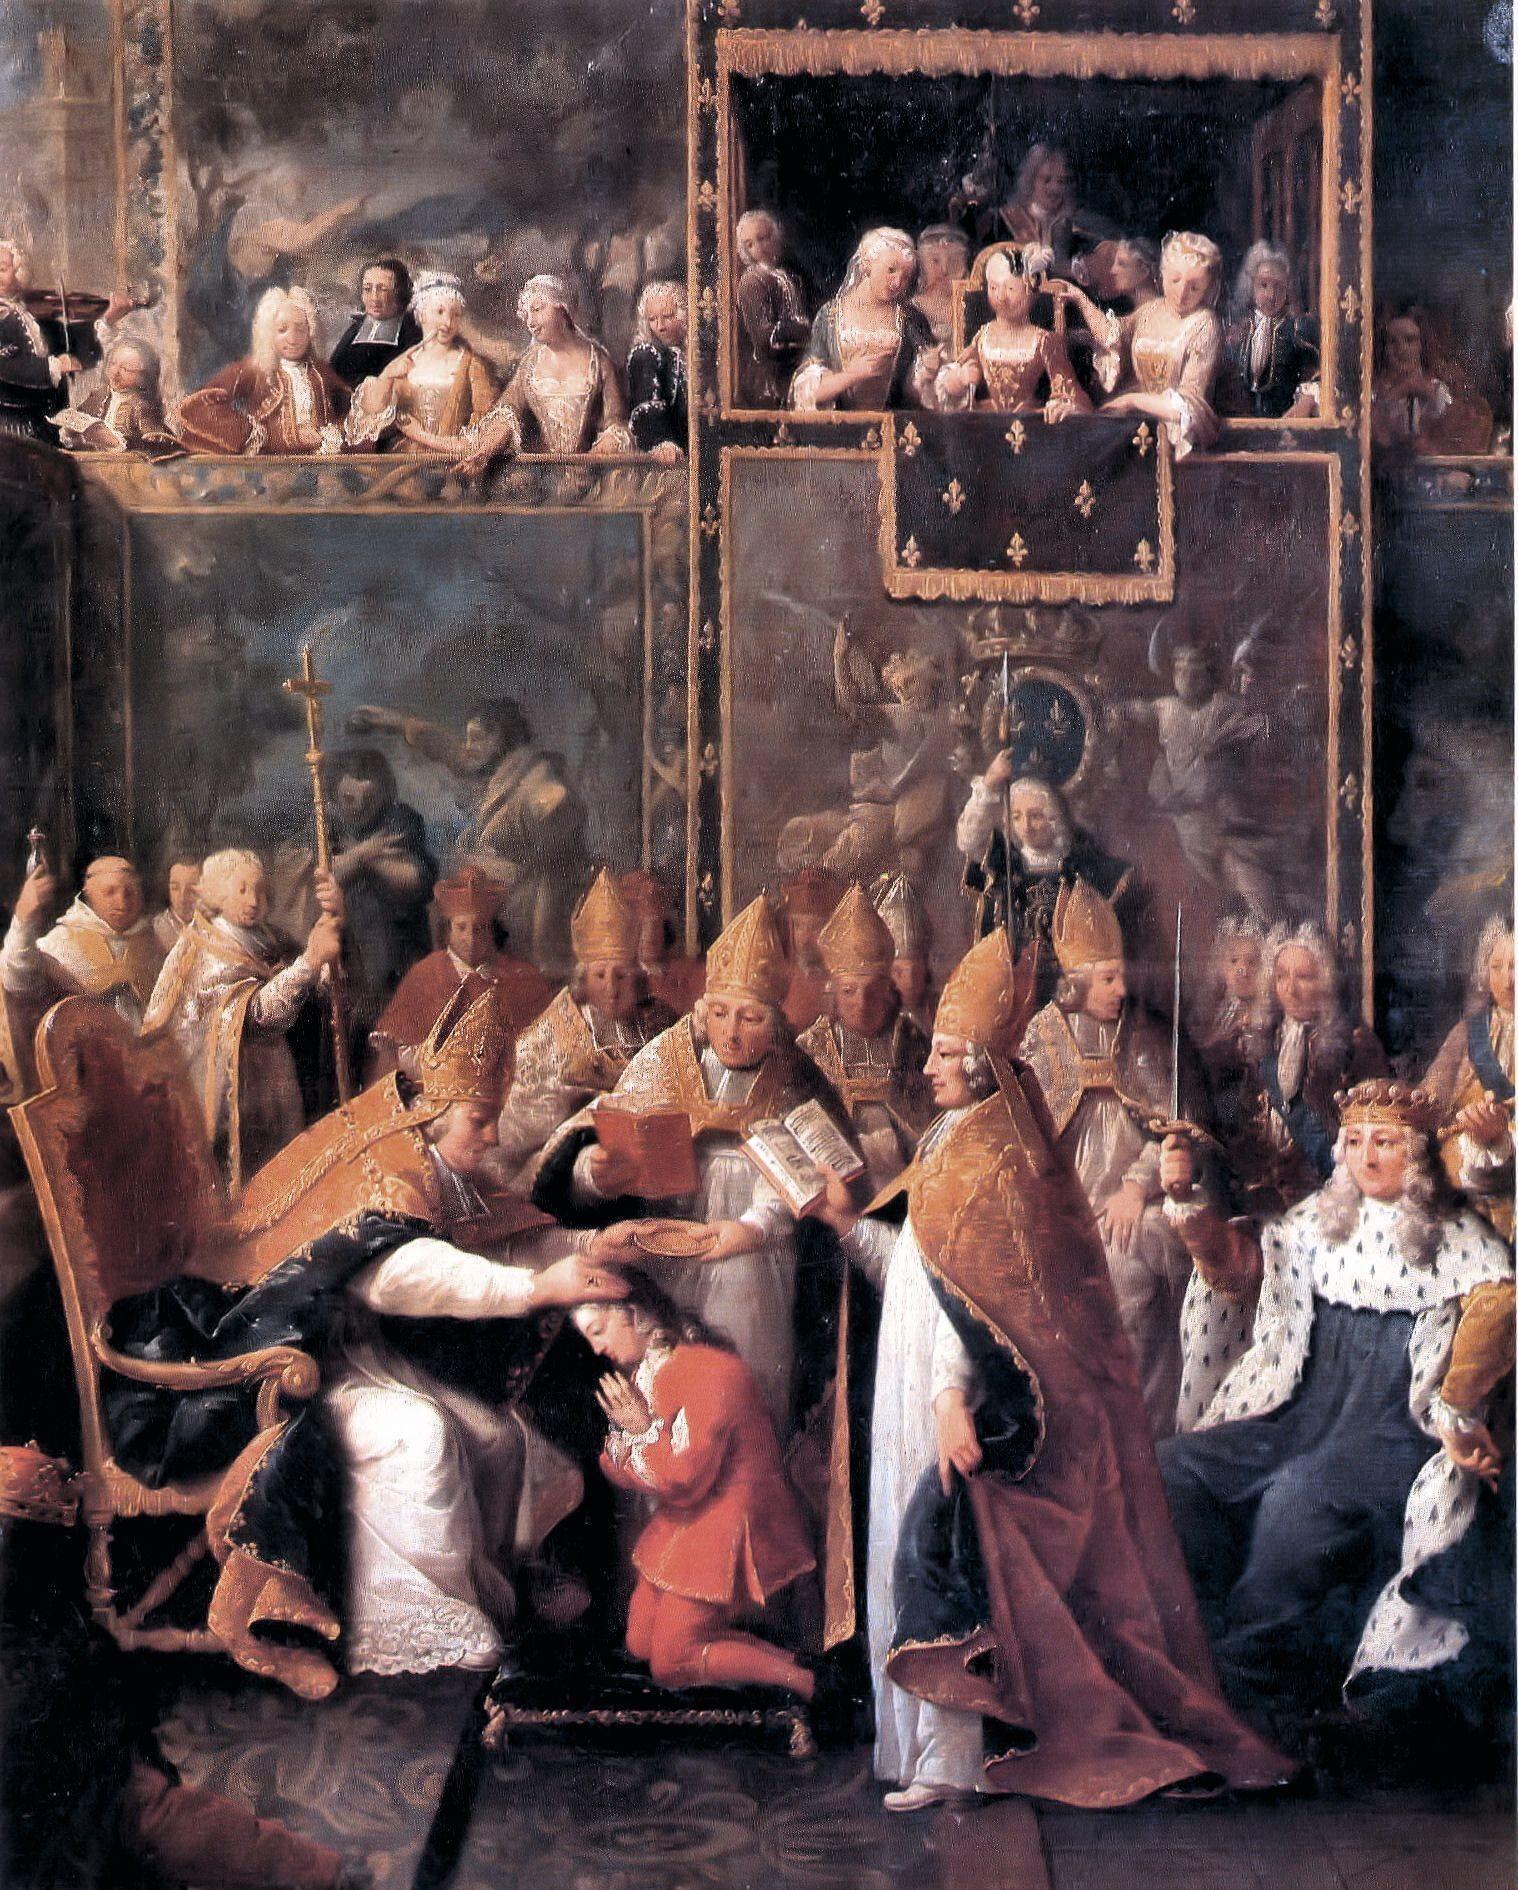 Pierre Subleyras, Sacre de Louis XV, 1722, huile sur toile, 255 x 206 cm, musée des Augustins, Toulouse